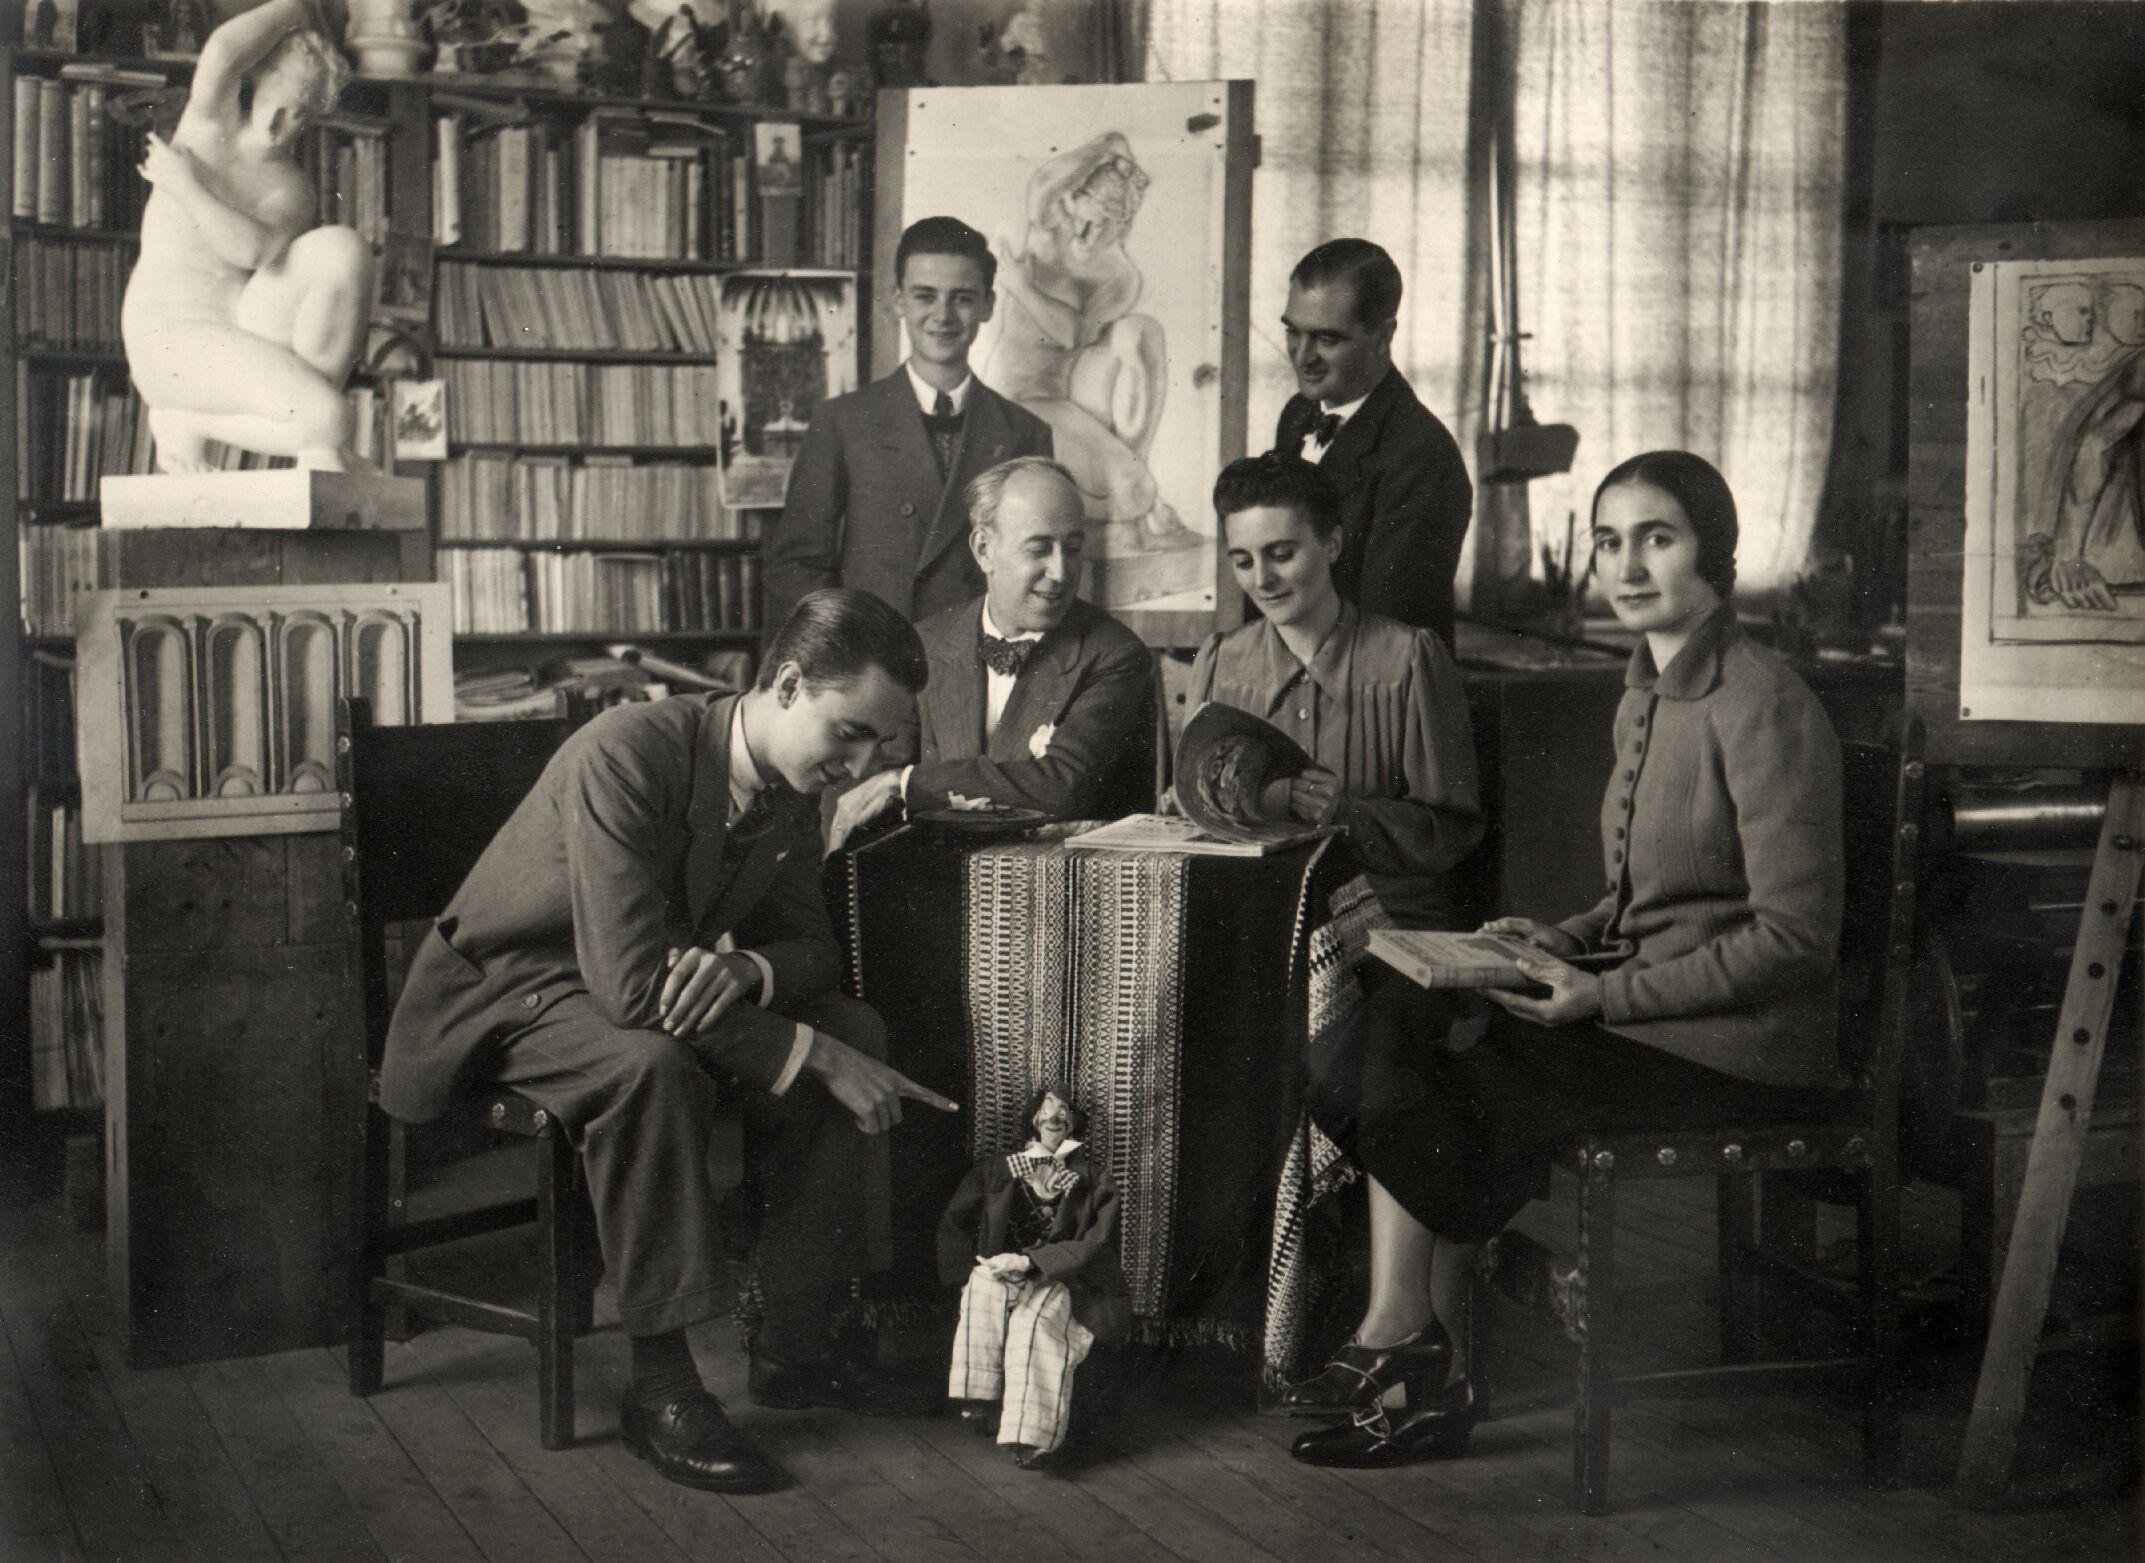 Fotografía de la familia Lanz, en Granada, años 19040. Totolín aparece junto a la mesa. En el centro de la imagen están sentados Hermenegildo Lanz y su esposa Sofía Durán. Su hijo Gildo aparece sentado en primer plano a la izquierda, y señala a la marioneta. El otro hijo de la familia, Enrique Lanz, está de pie, sonriente, detrás de su padre.